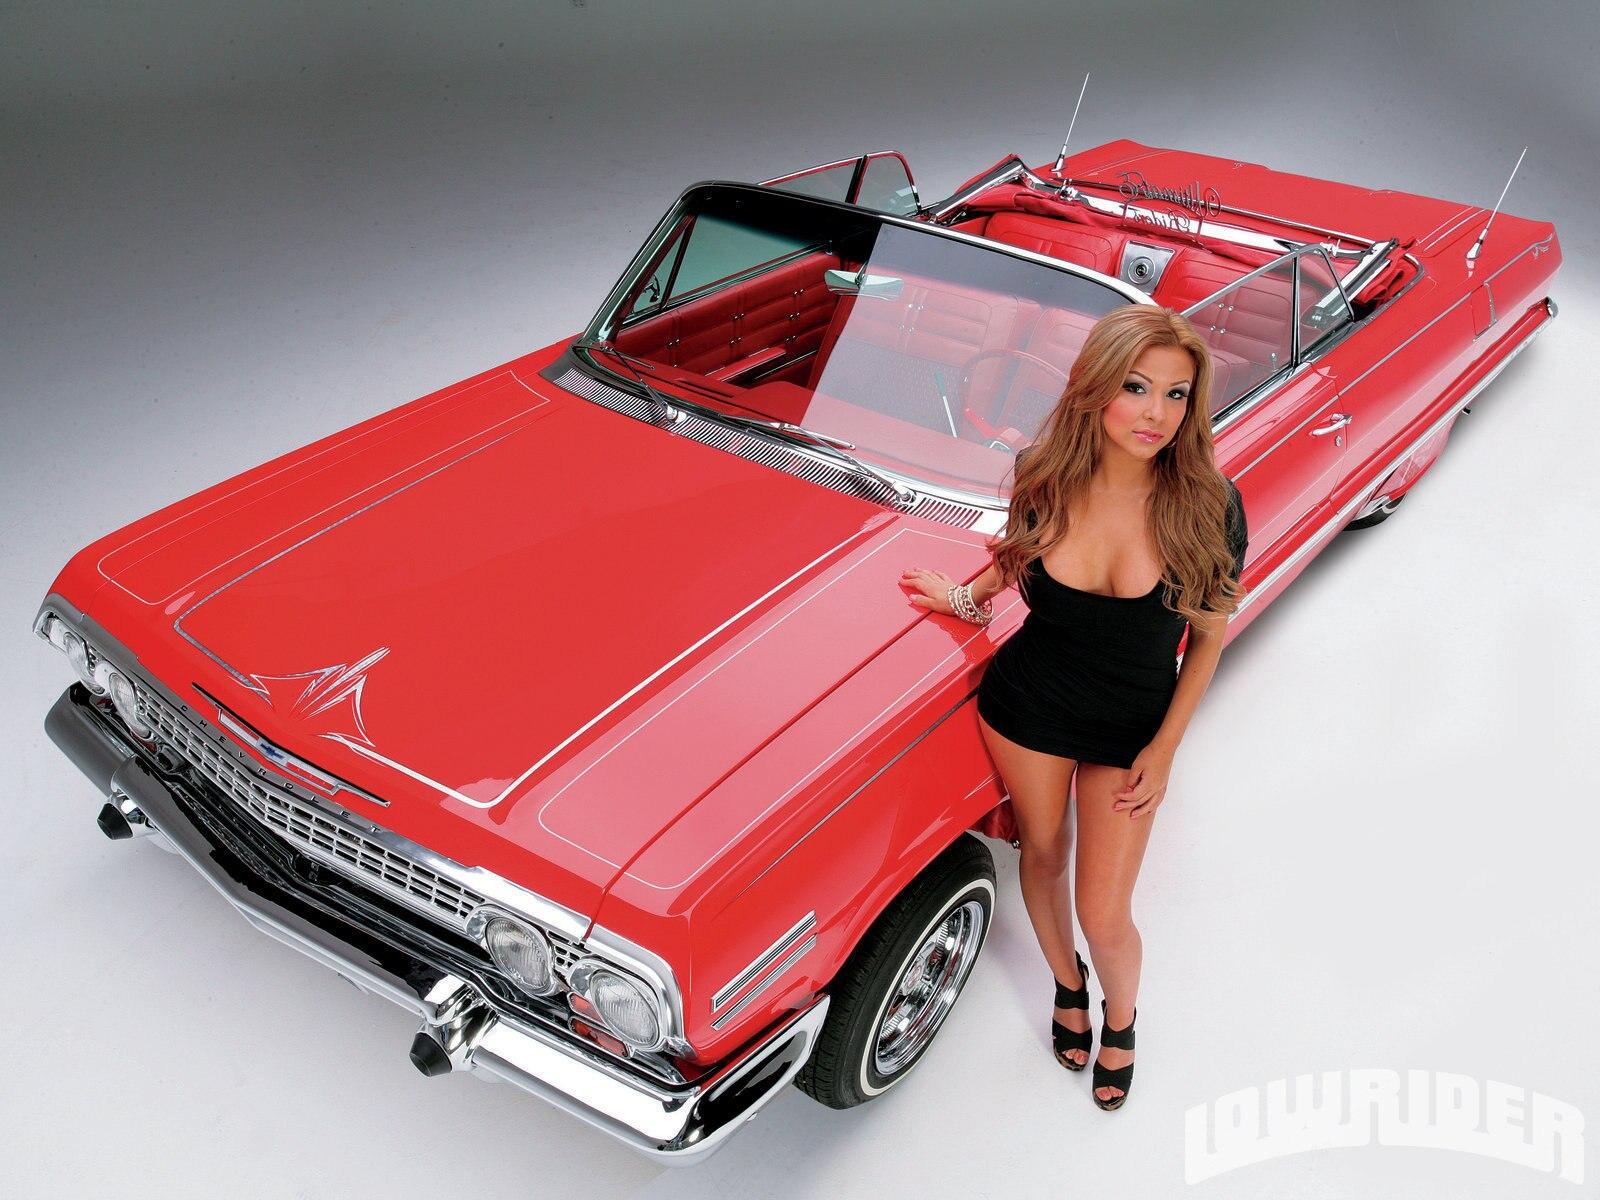 1205-lrmp-01-o-1963-chevrolet-impala-convertible-faiola-amor